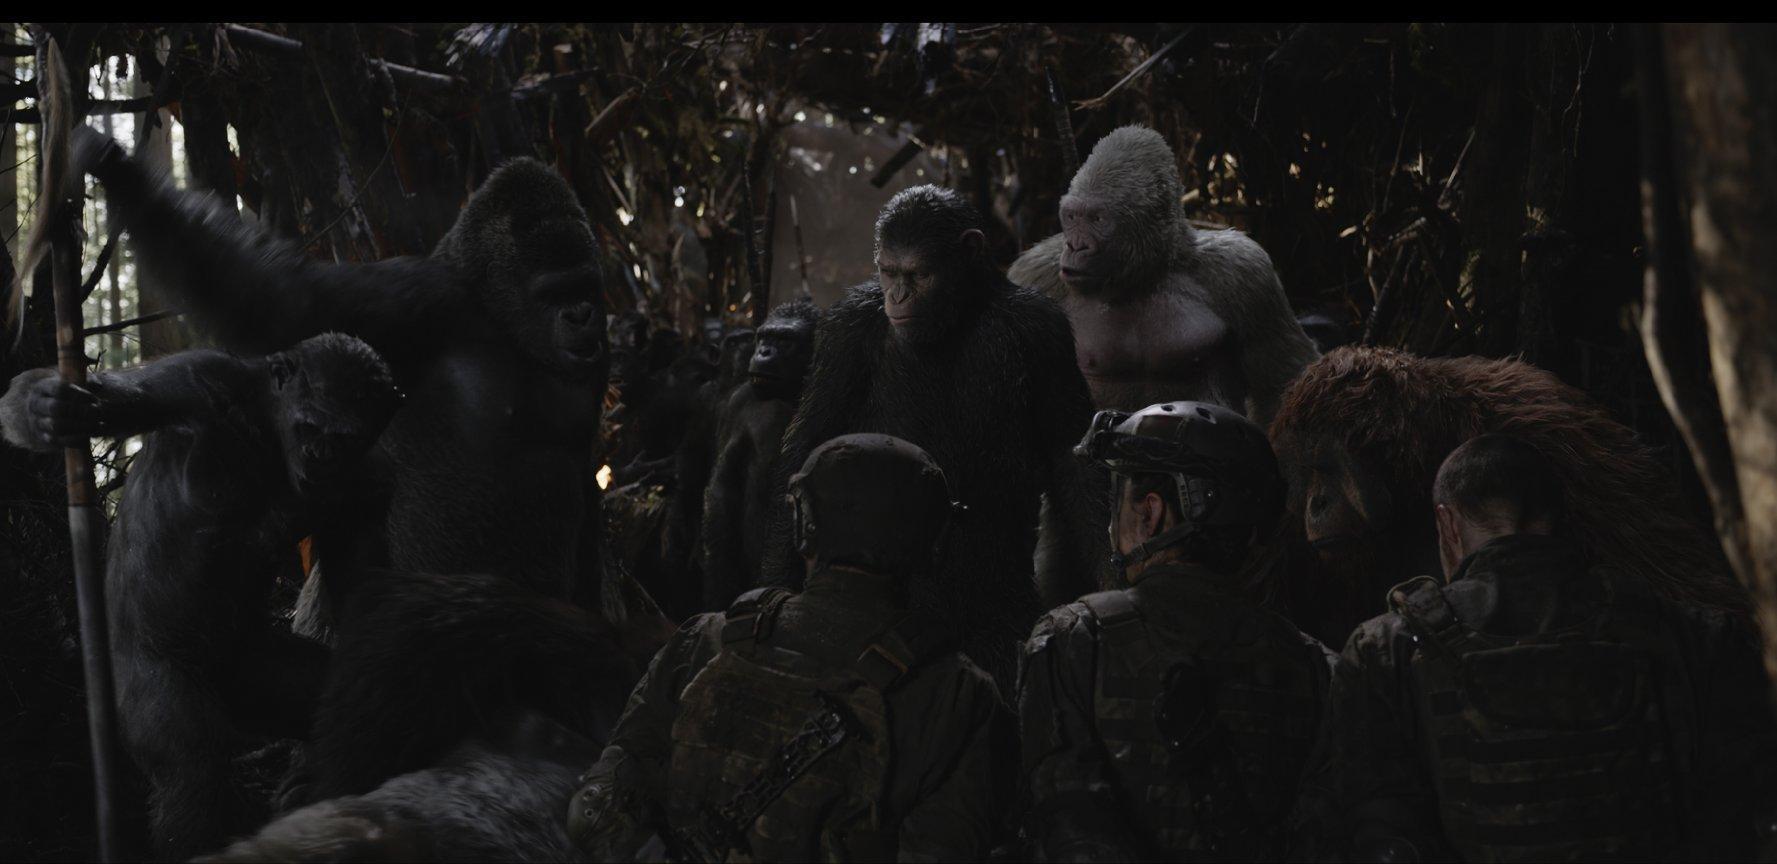 Планета обезьян Война фильм смотреть онлайн бесплатно